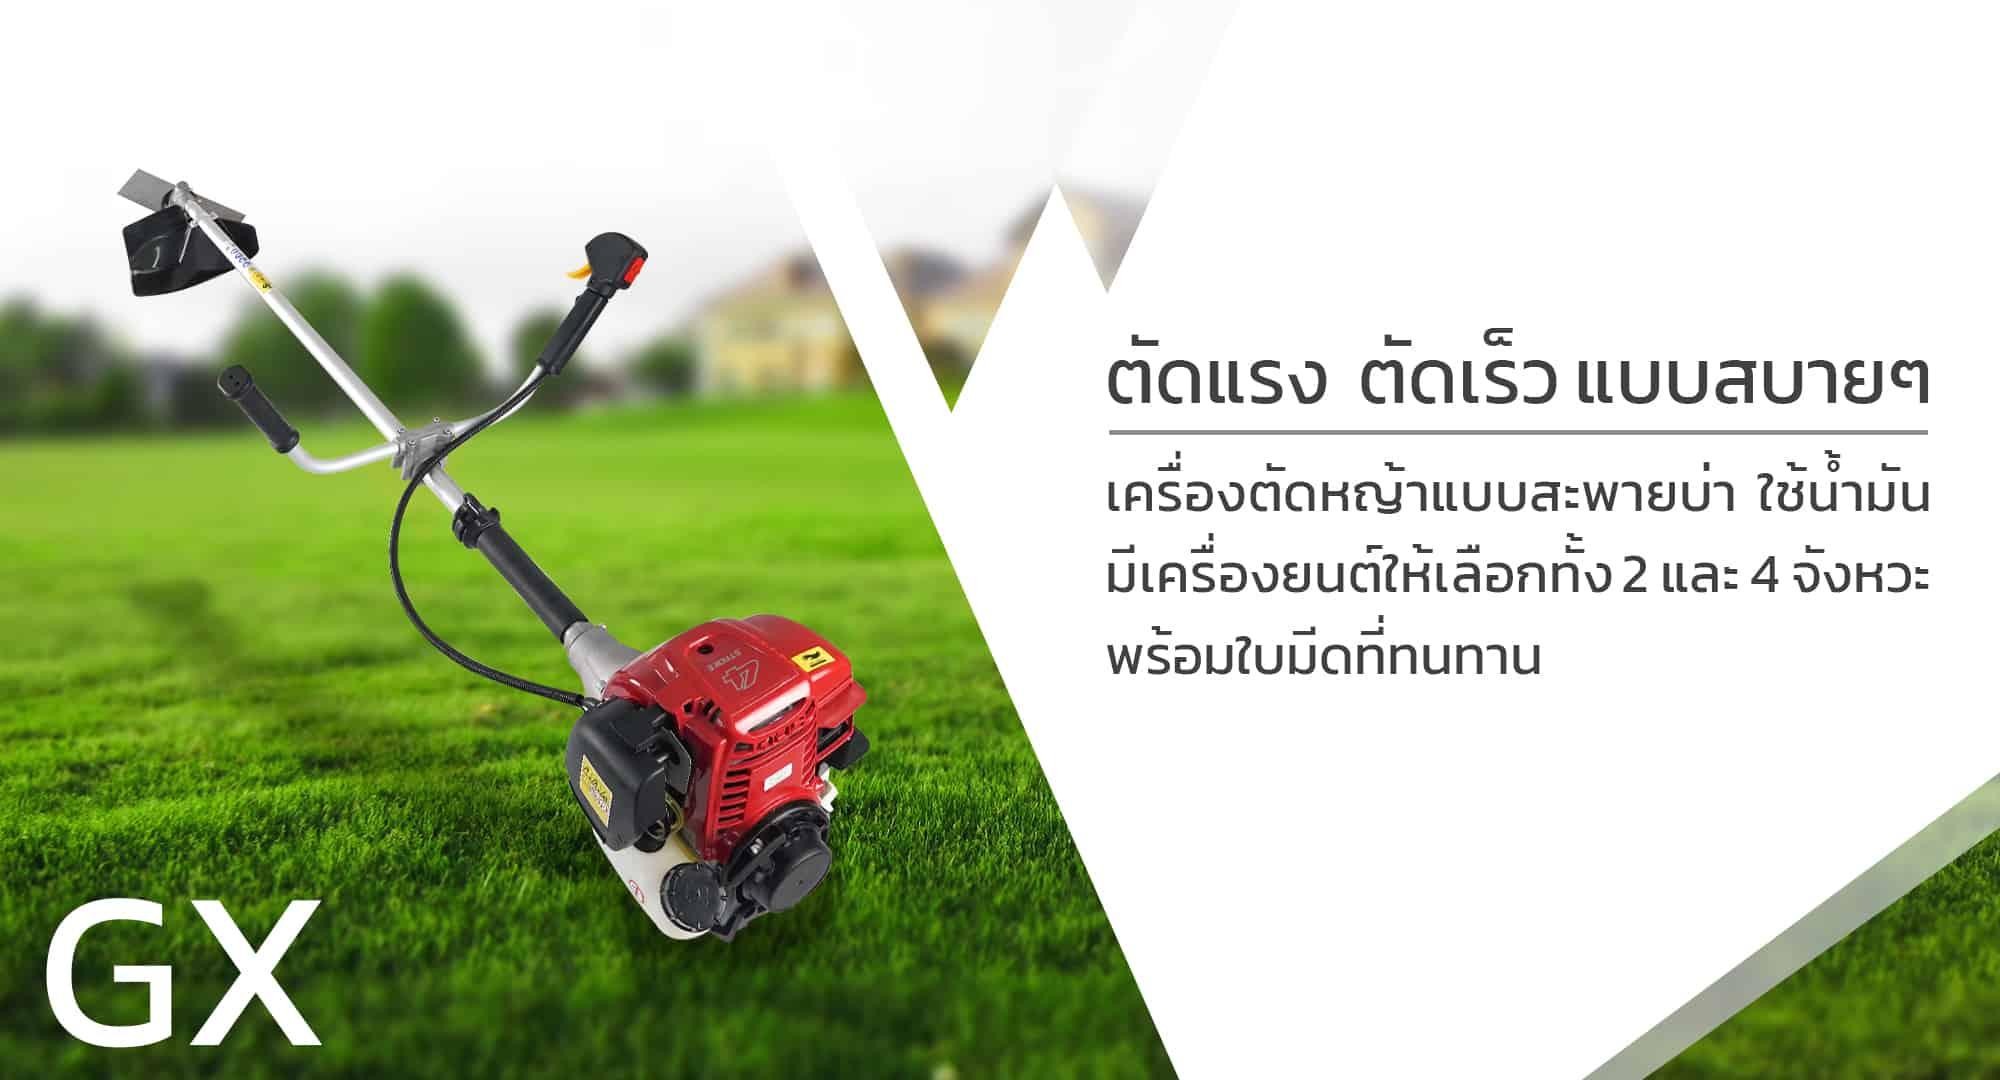 เครื่องตัดหญ้า-4-จังหวะ-อธิบายการตัด